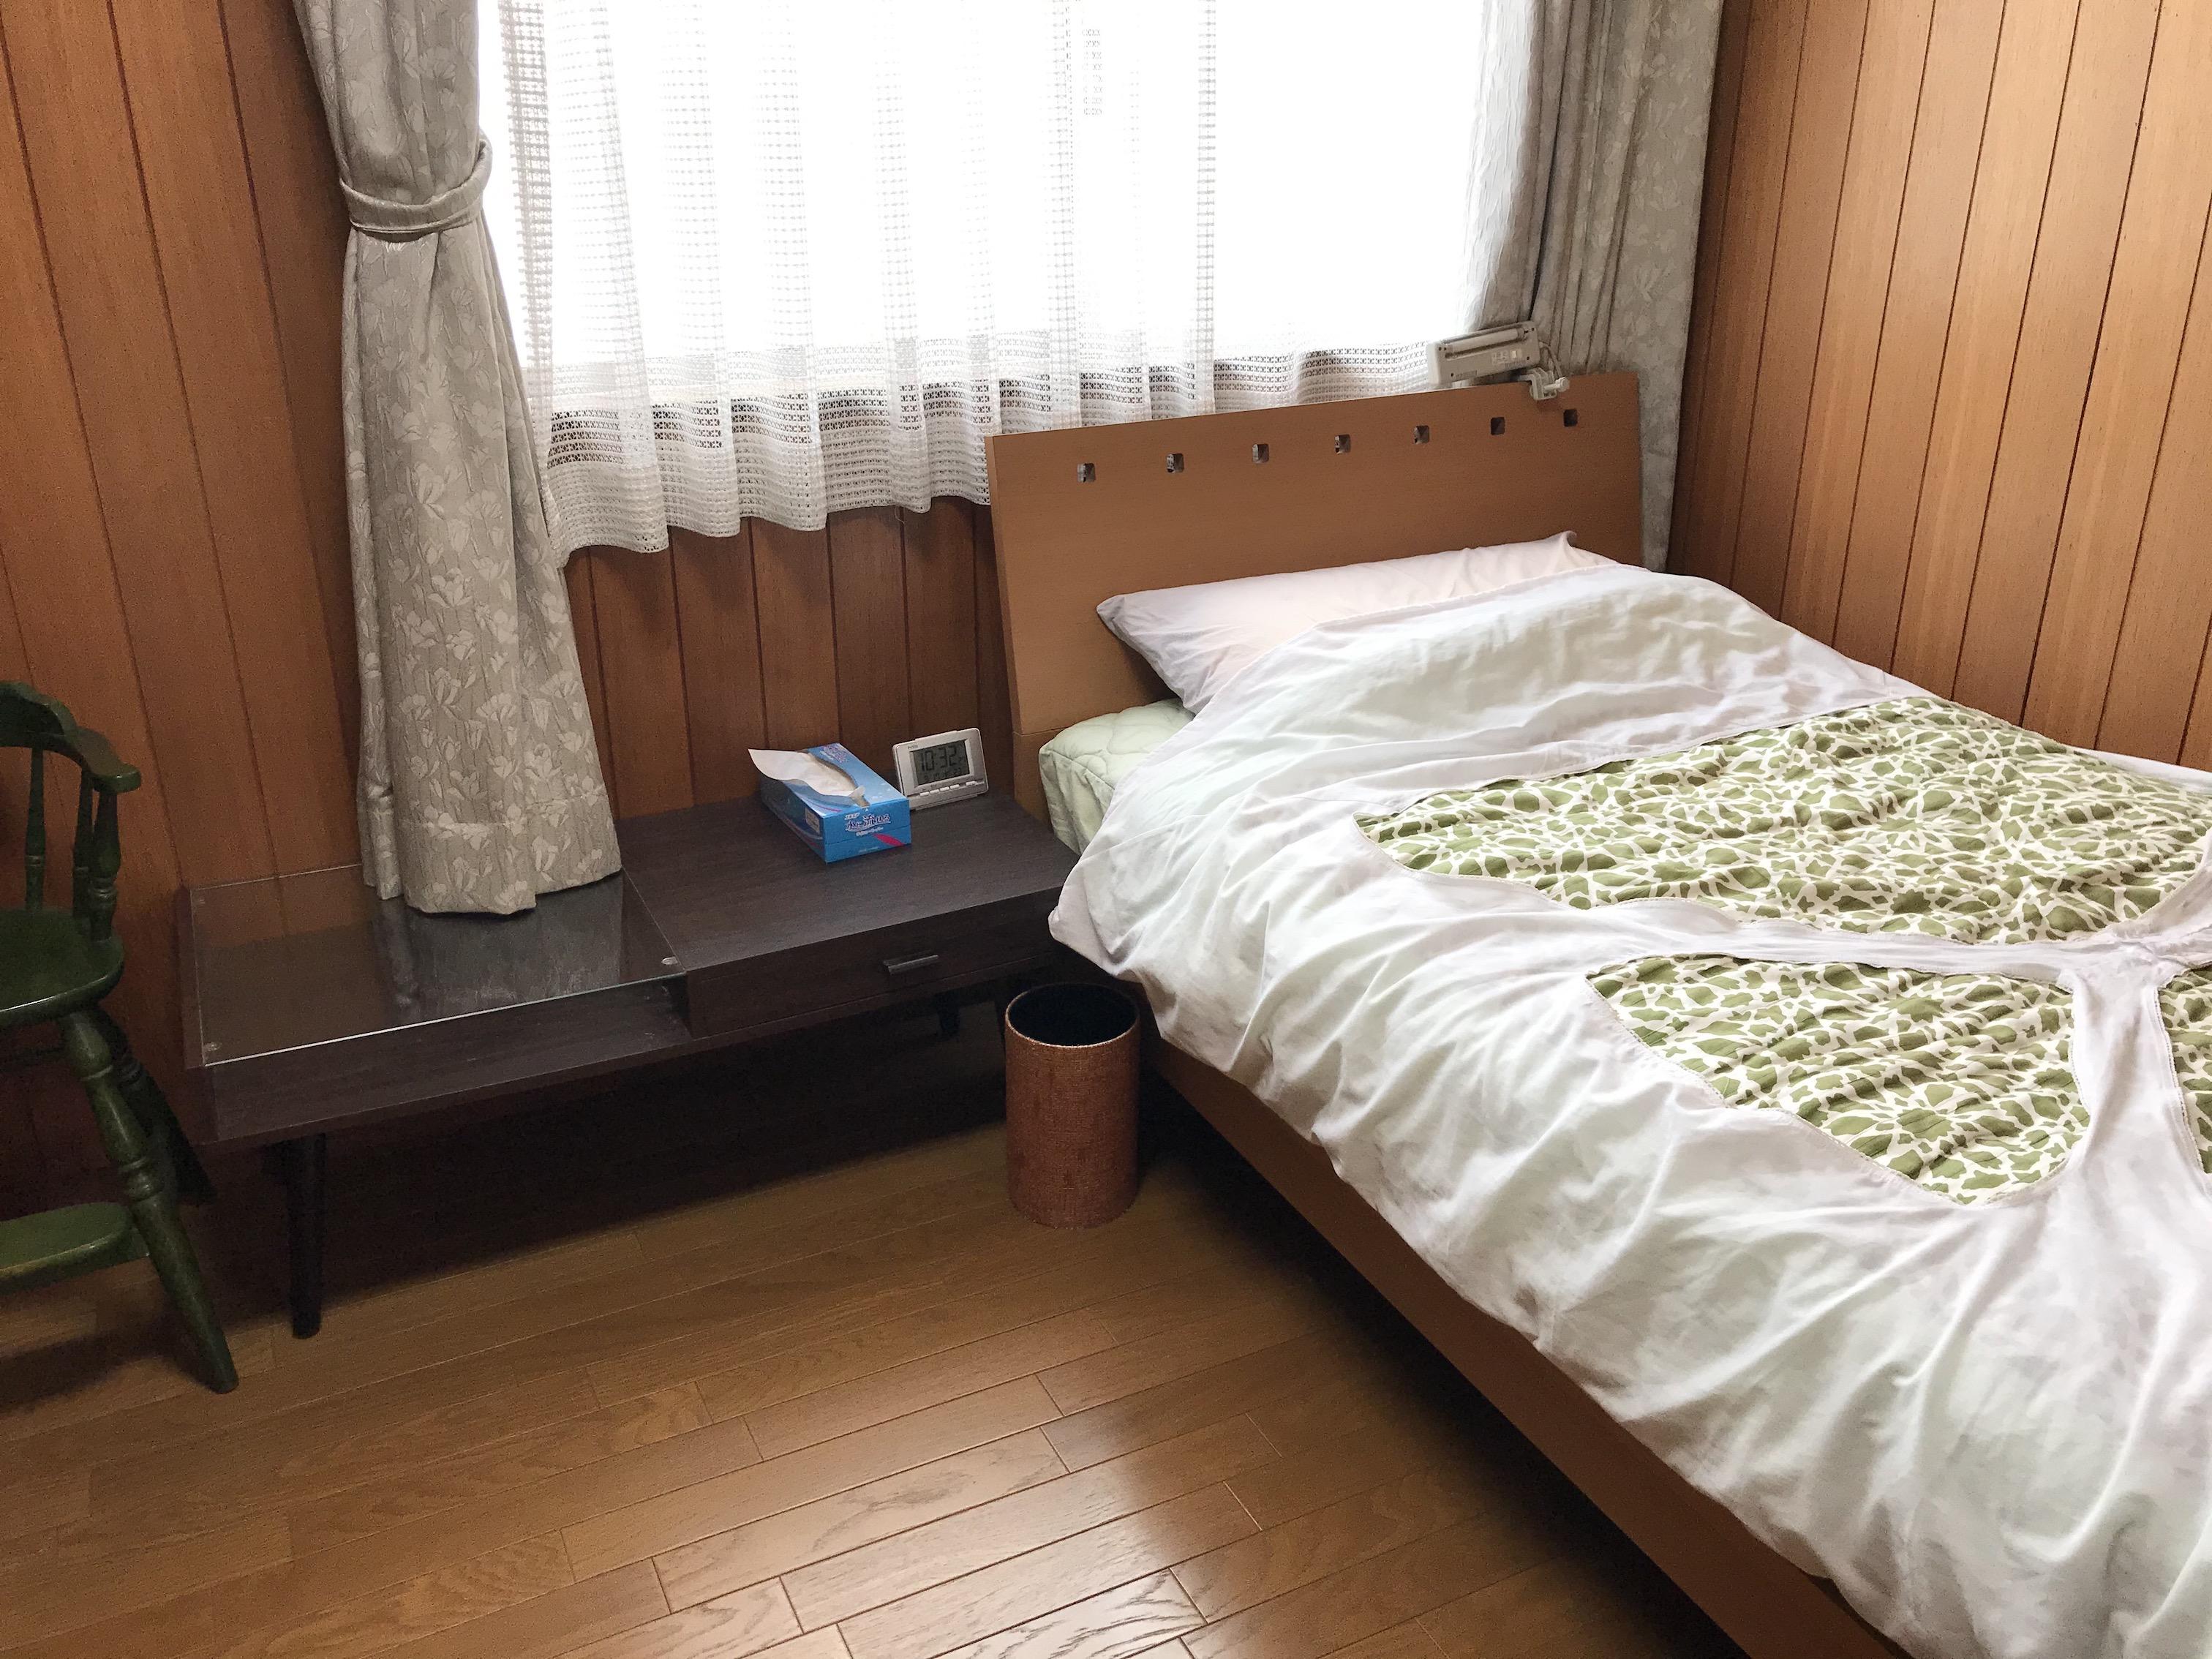 こちらの寝室も家事代行でどこまで綺麗になるのか